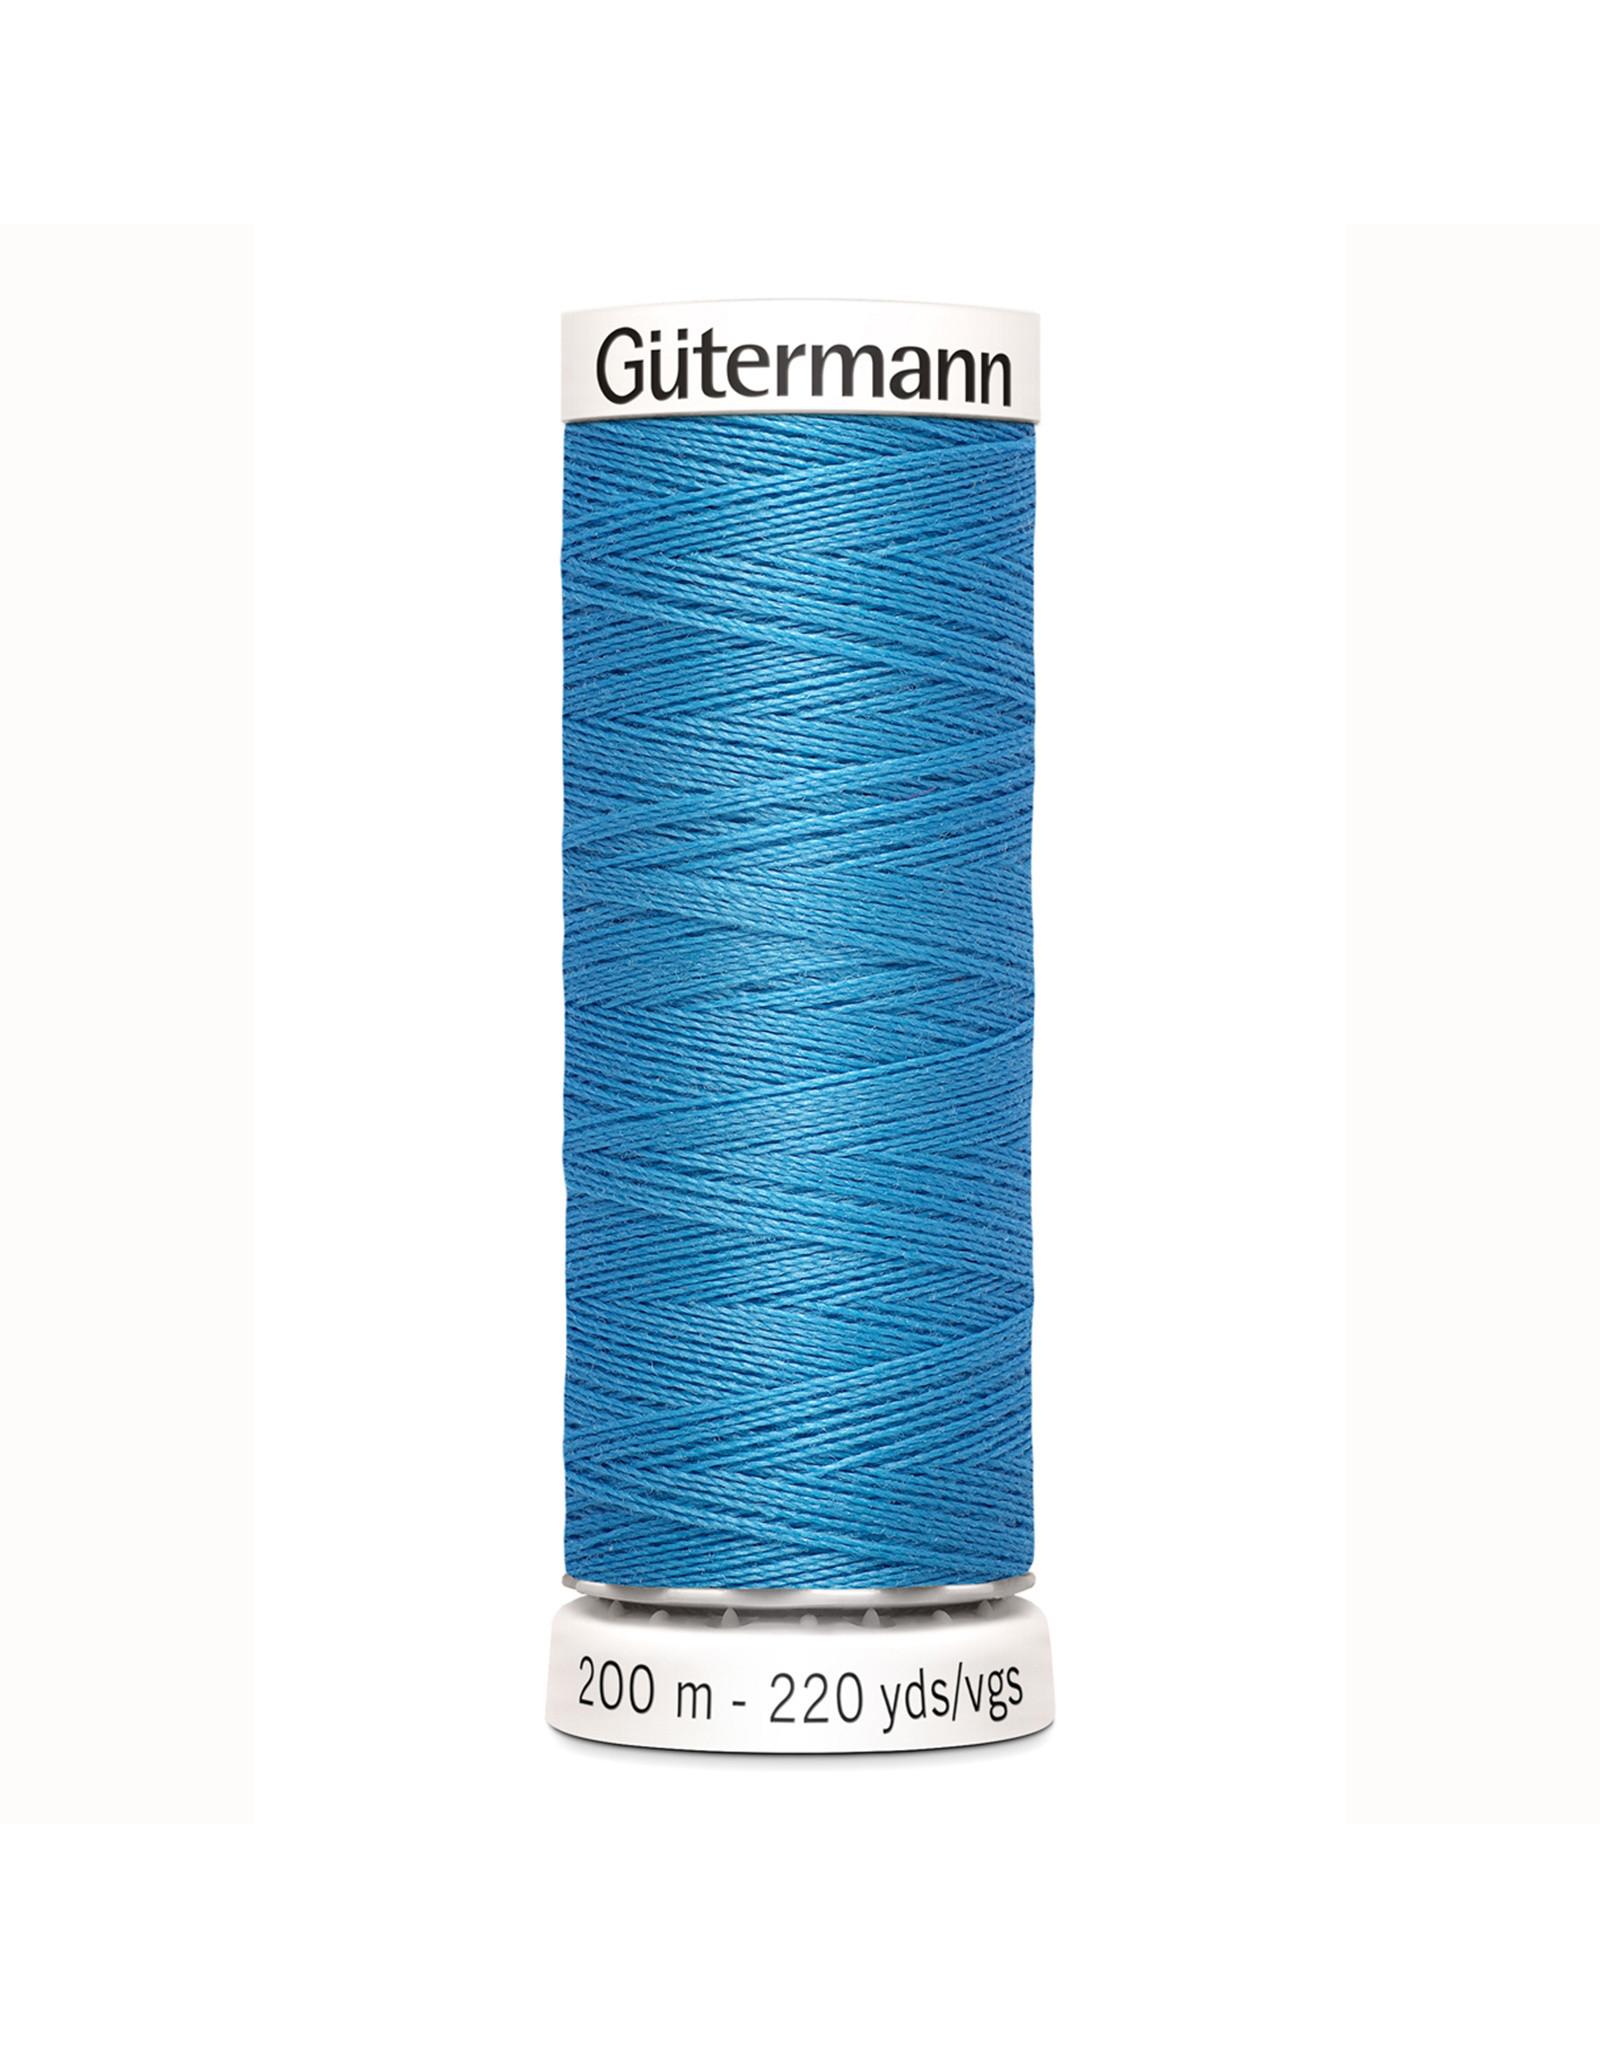 Gütermann Gütermann Nähgarn 200 m - nr 278